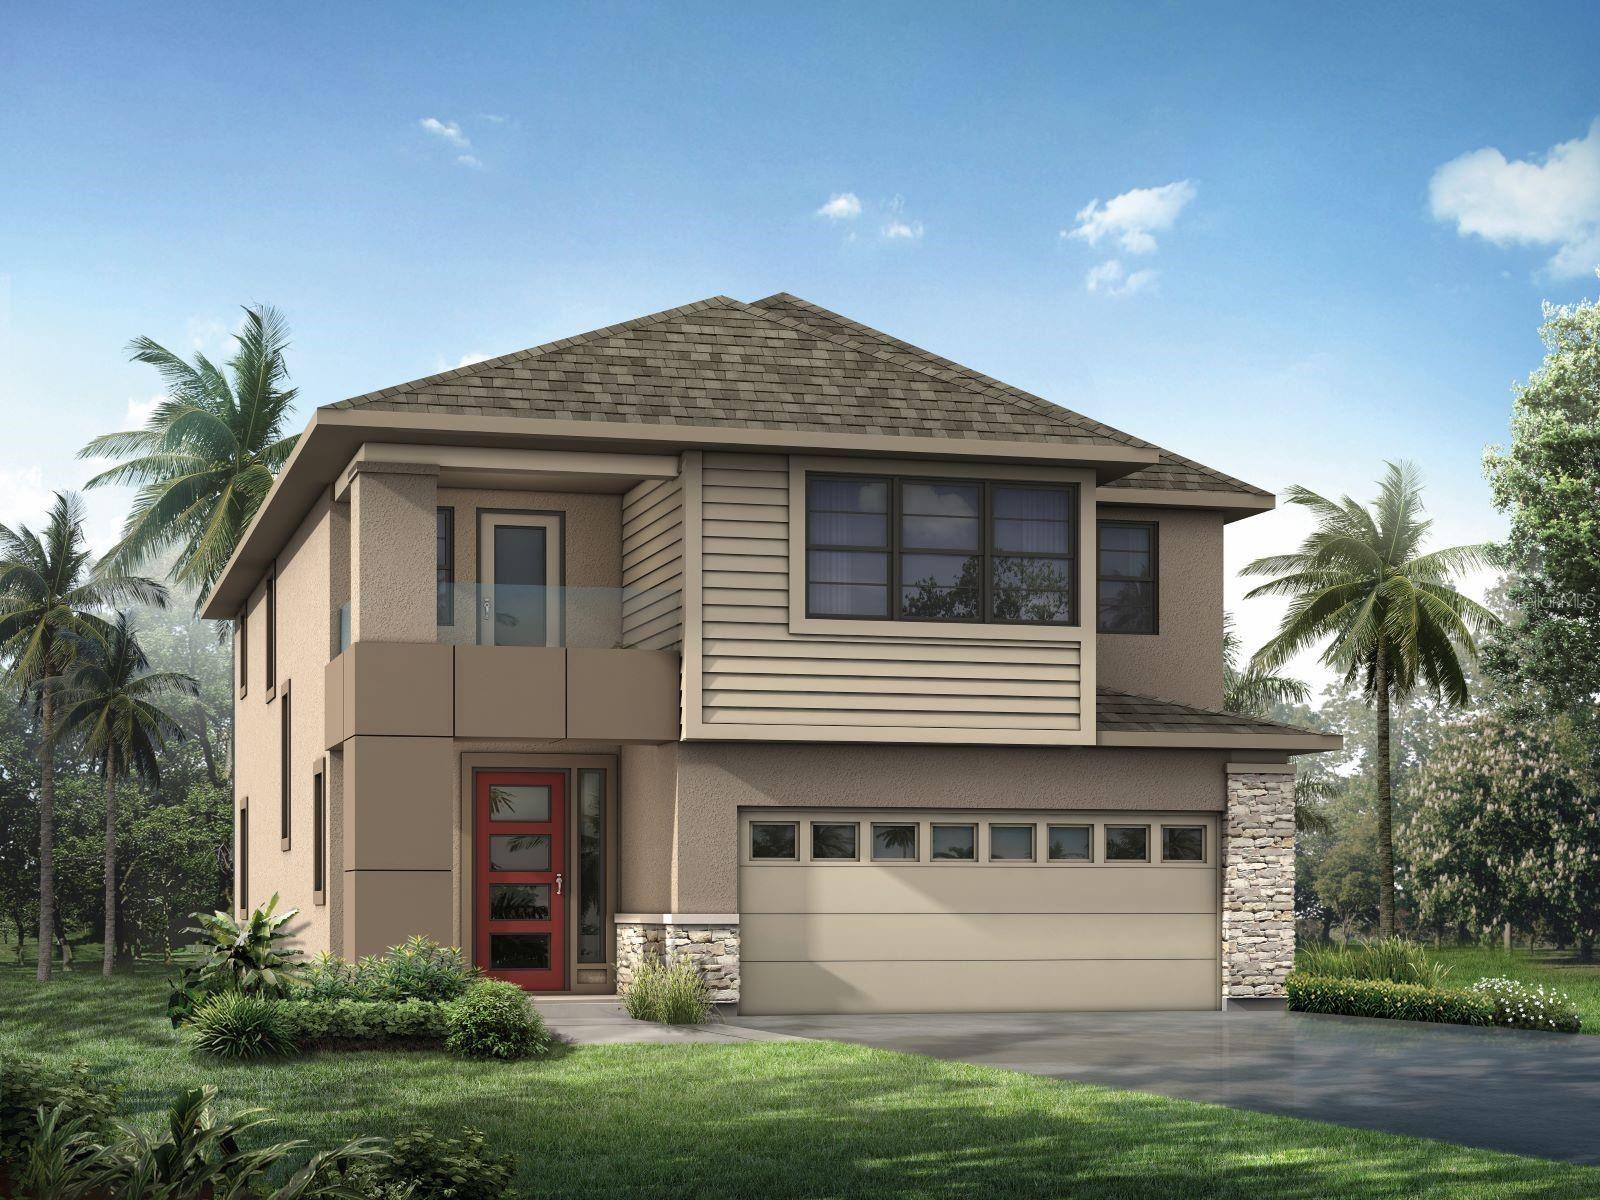 2474 EMPRESS DRIVE #Lot 976, Kissimmee, FL 34741 - #: O5953249